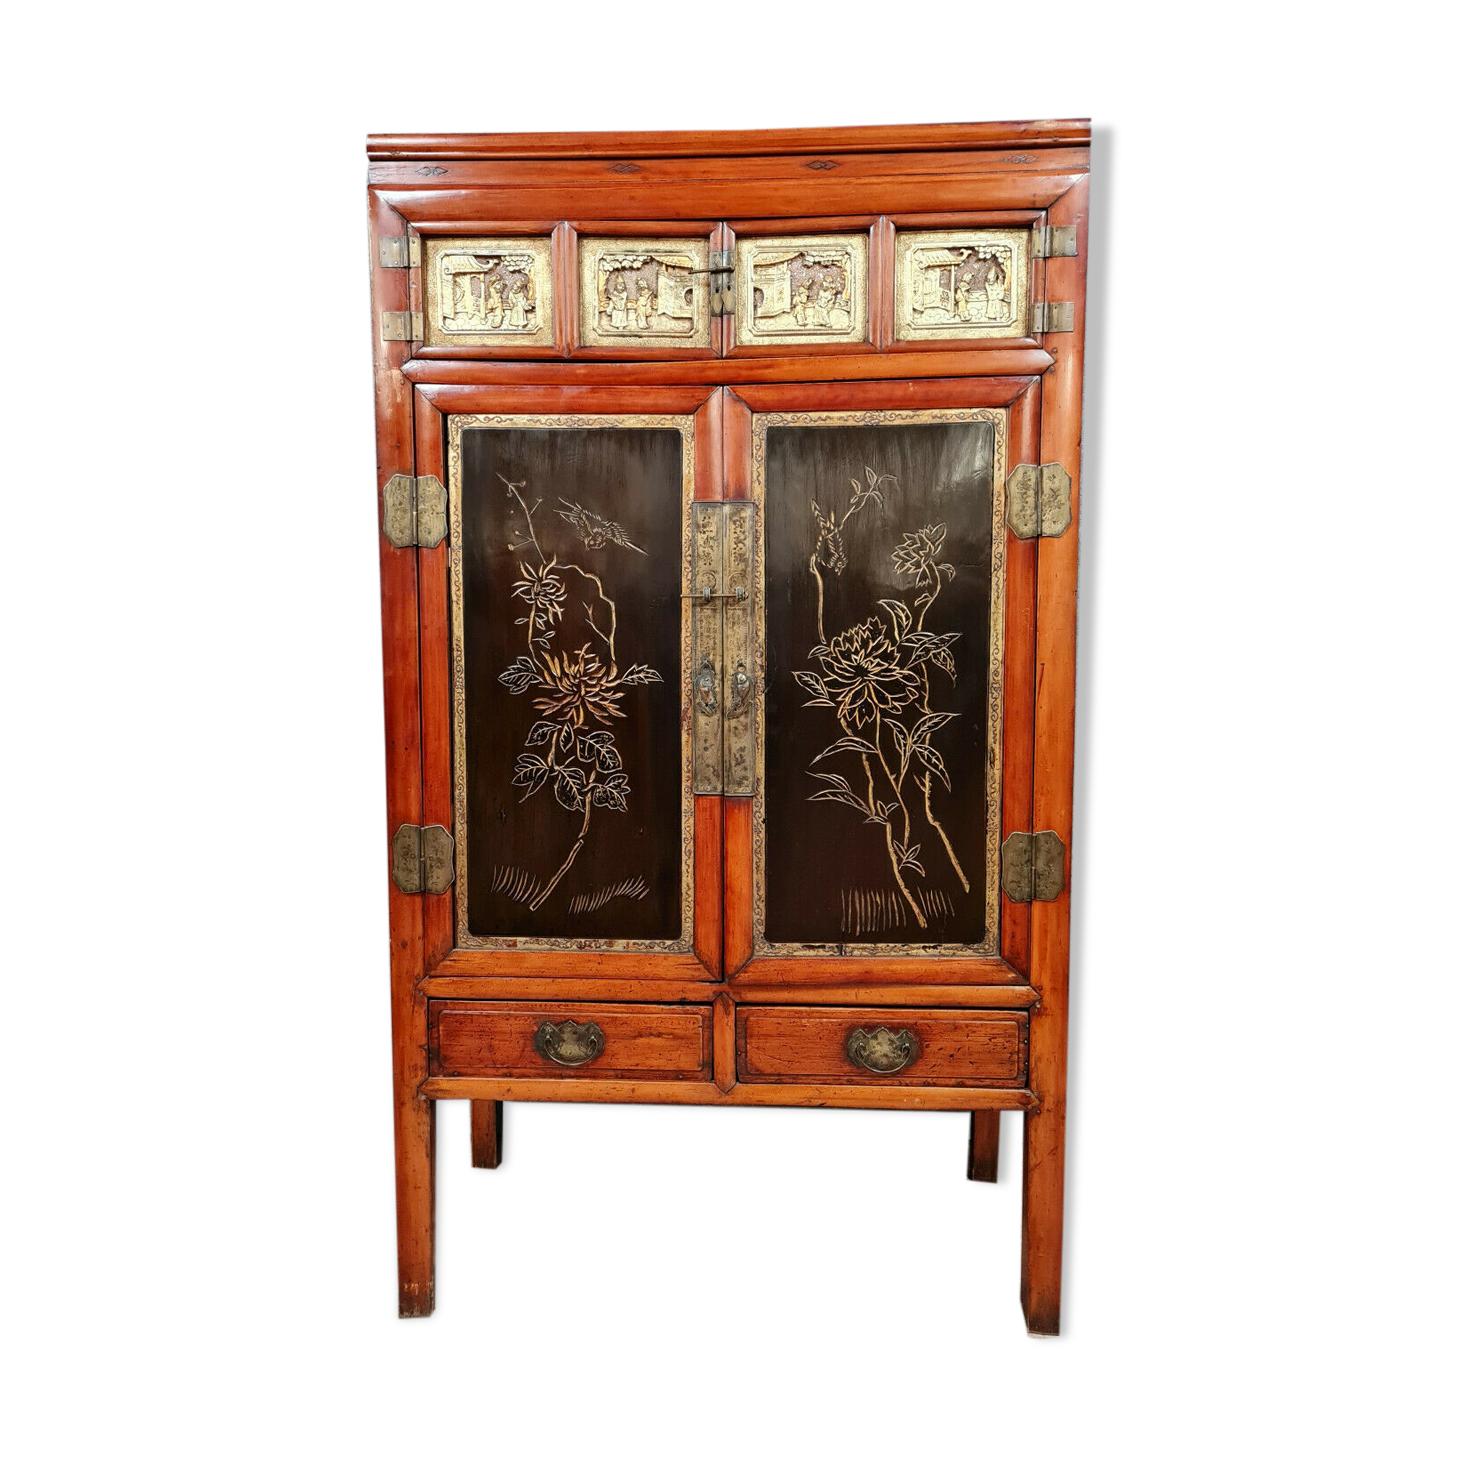 Meuble d'apparat japonisant en bois exotique bois doré et bois laqué vers 1920